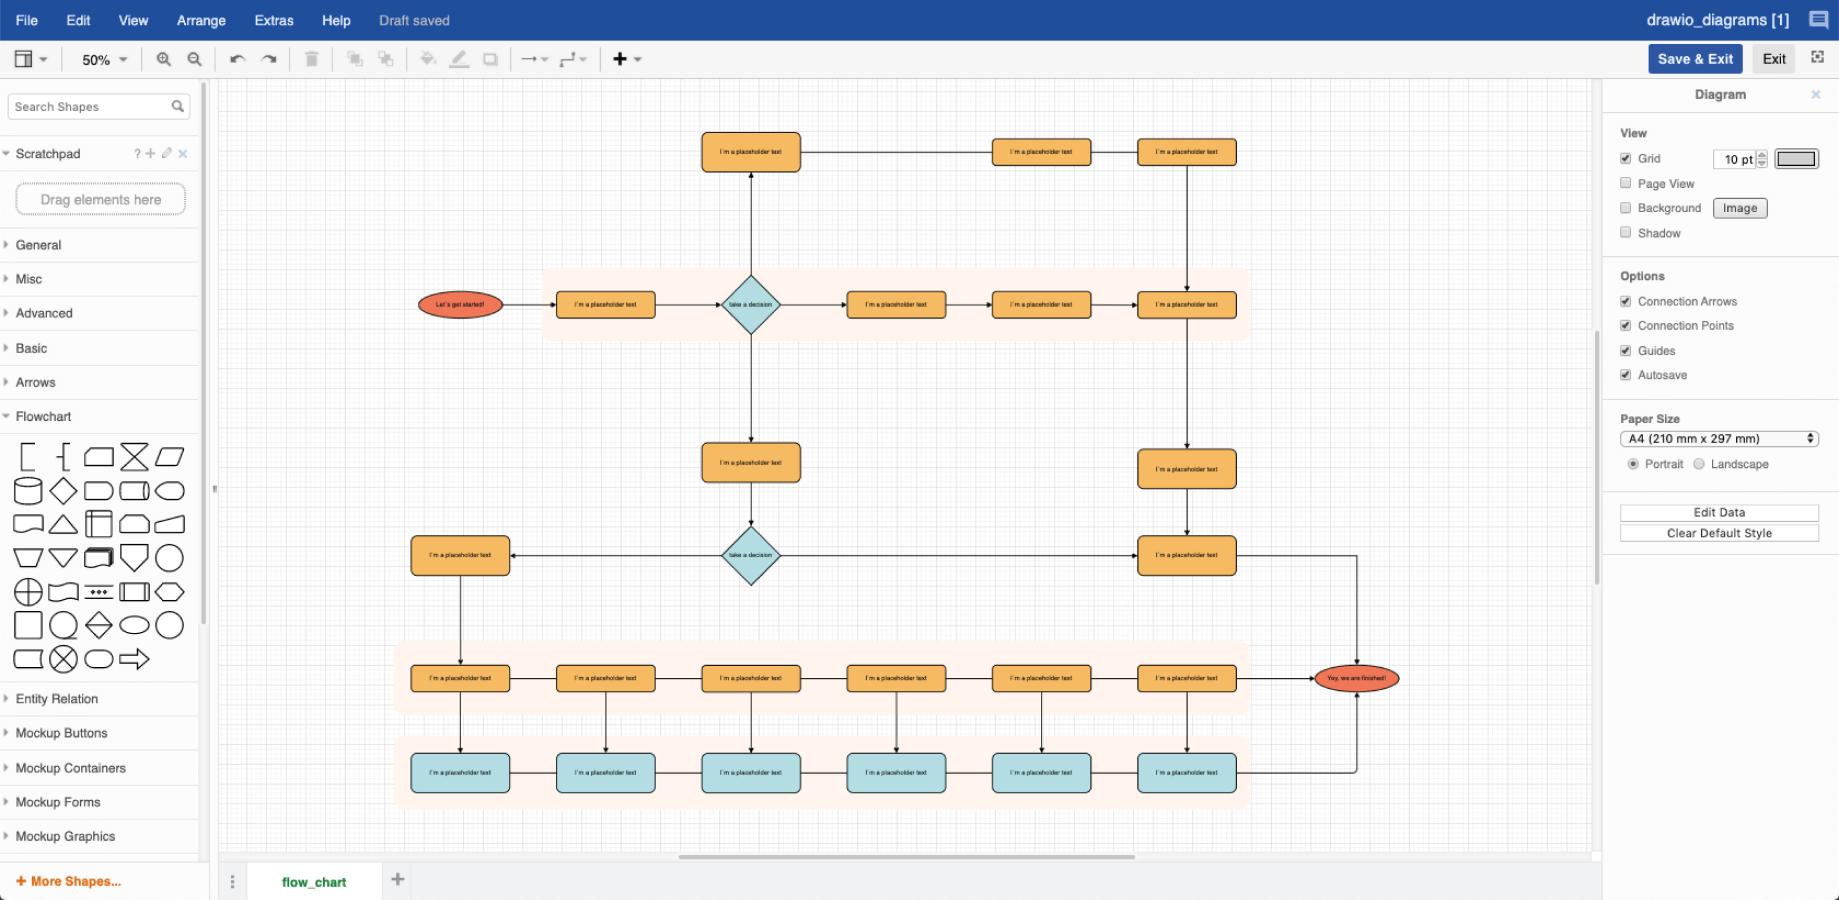 Beispiel-Prozessdiagramm mit freundlicher Genehmigung von Draw.io